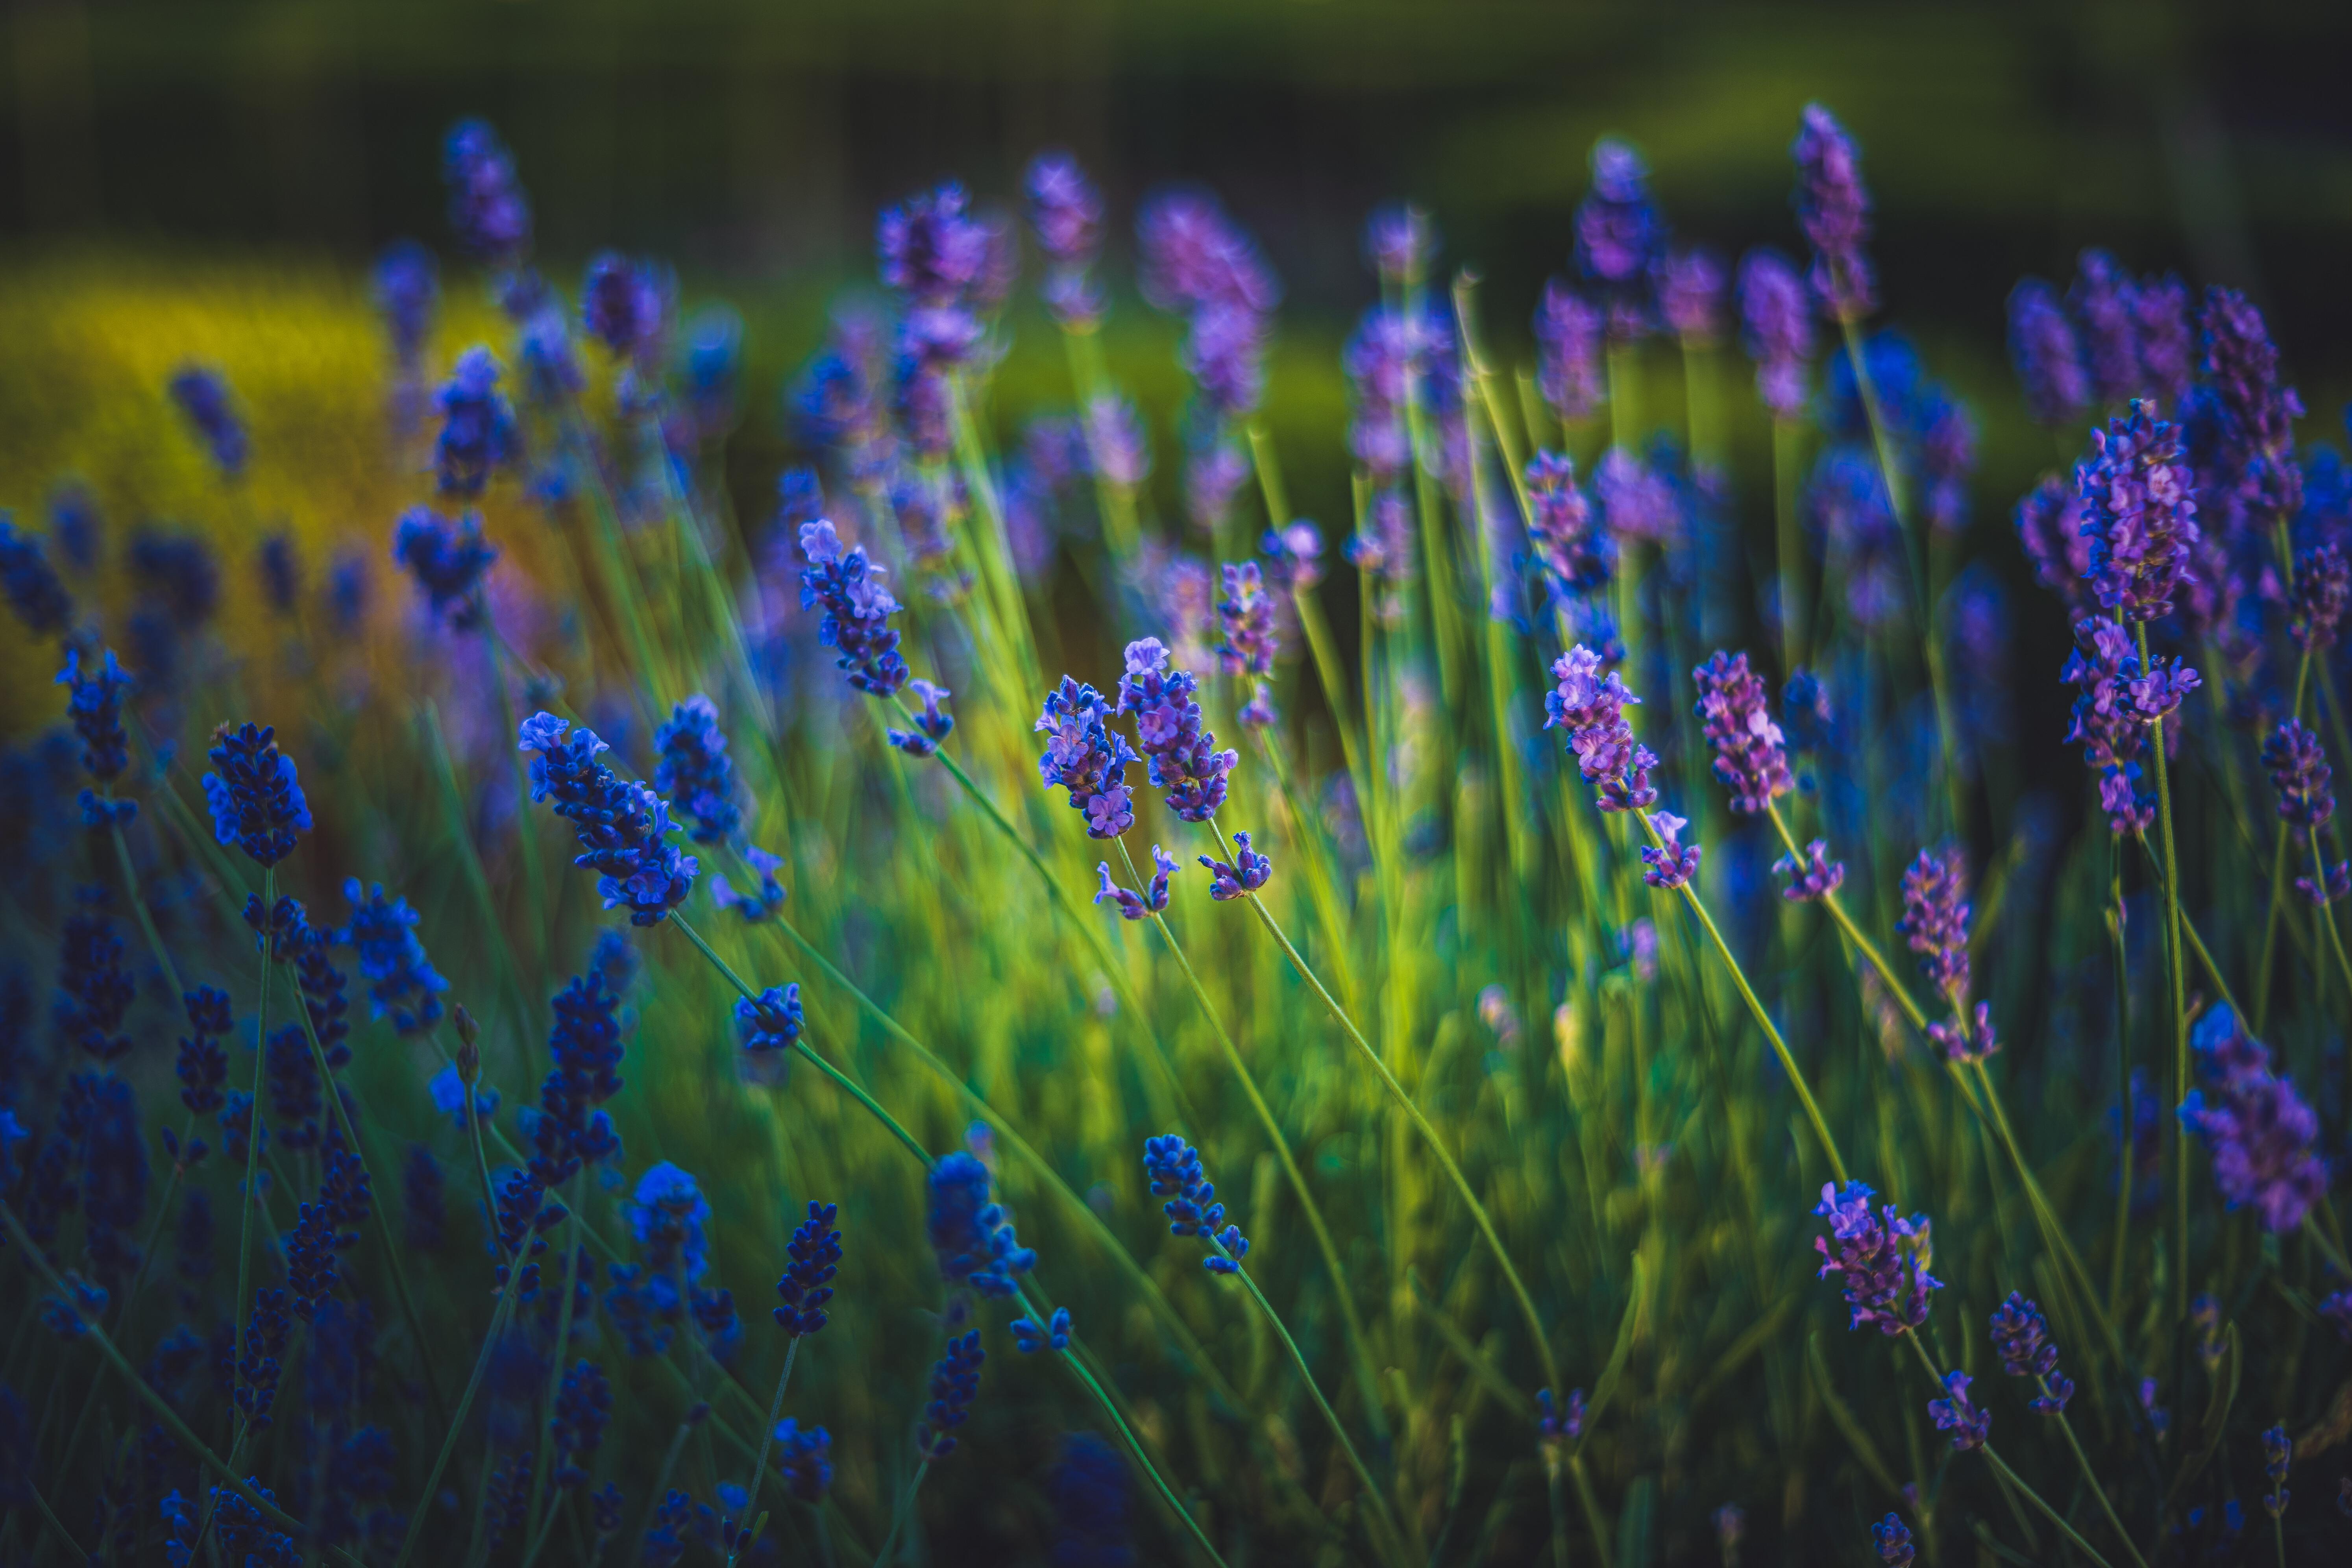 54492 скачать обои Весна, Лаванда, Цветы, Трава, Цветение - заставки и картинки бесплатно